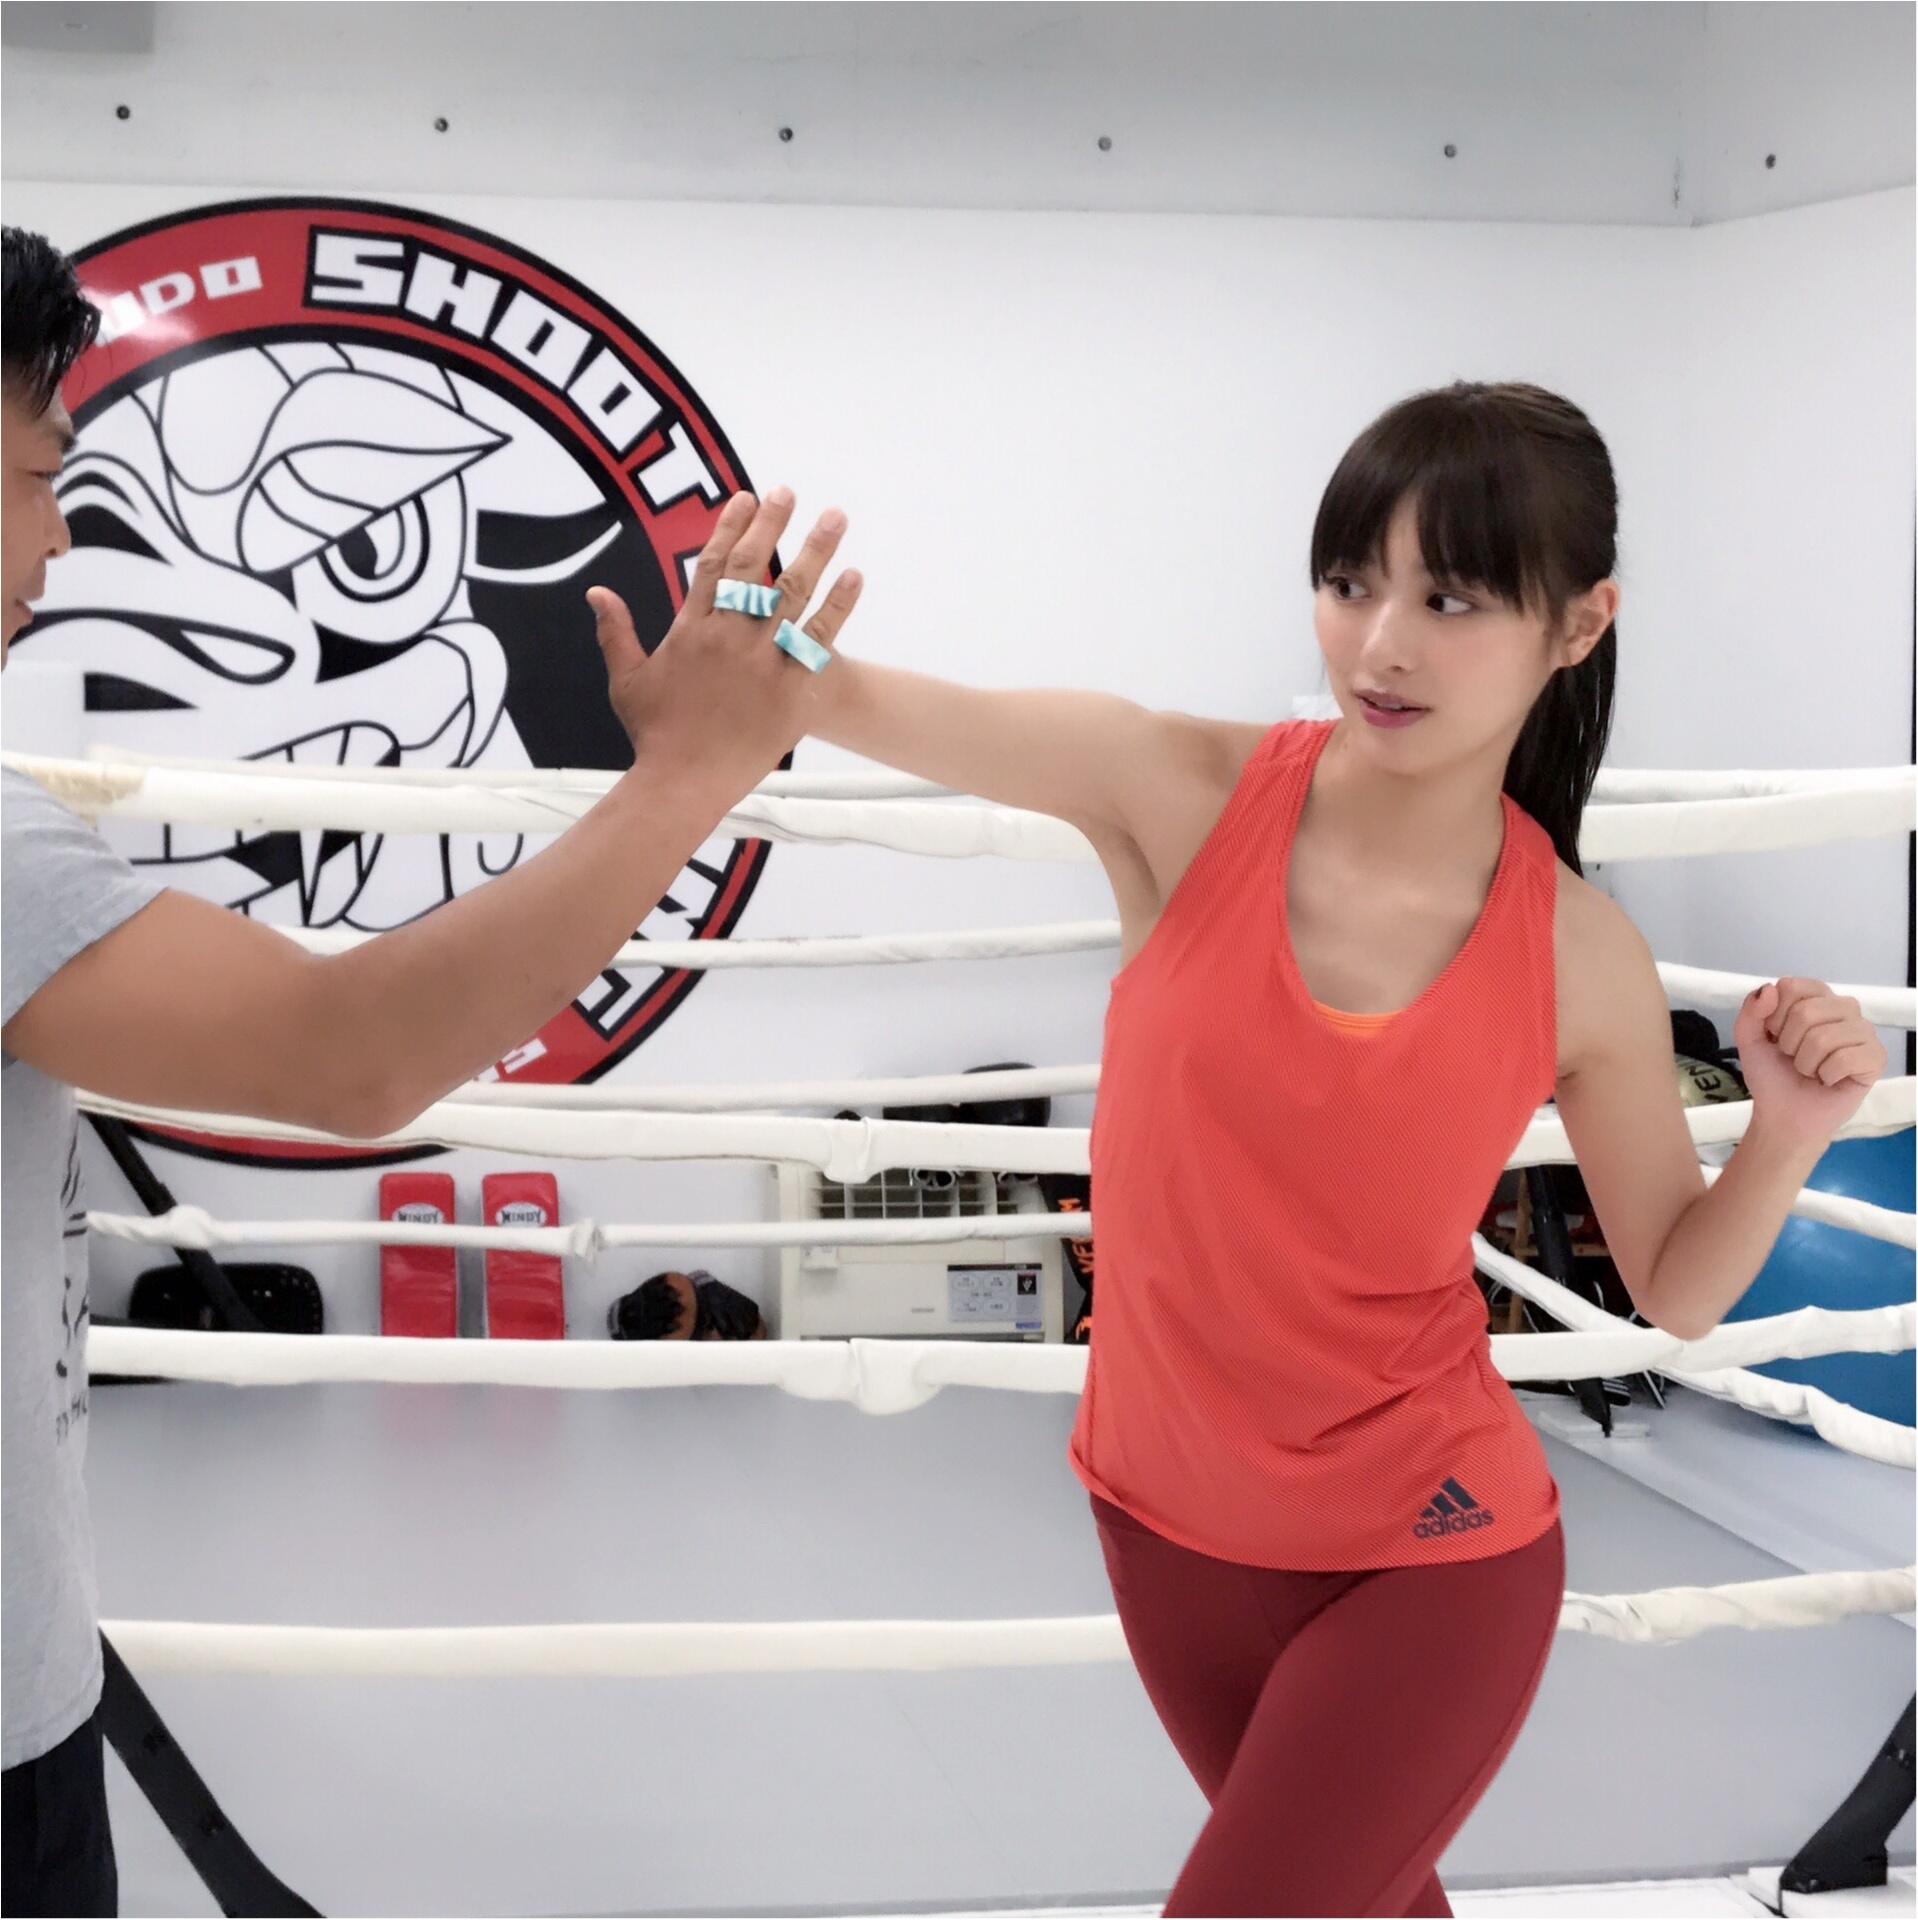 だーりおのキックが、ますます進化中!? 『シーザージム渋谷』に通い始めたよ! 【#モアチャレ 内田理央の「キックボクシング」チャレンジ!】_5